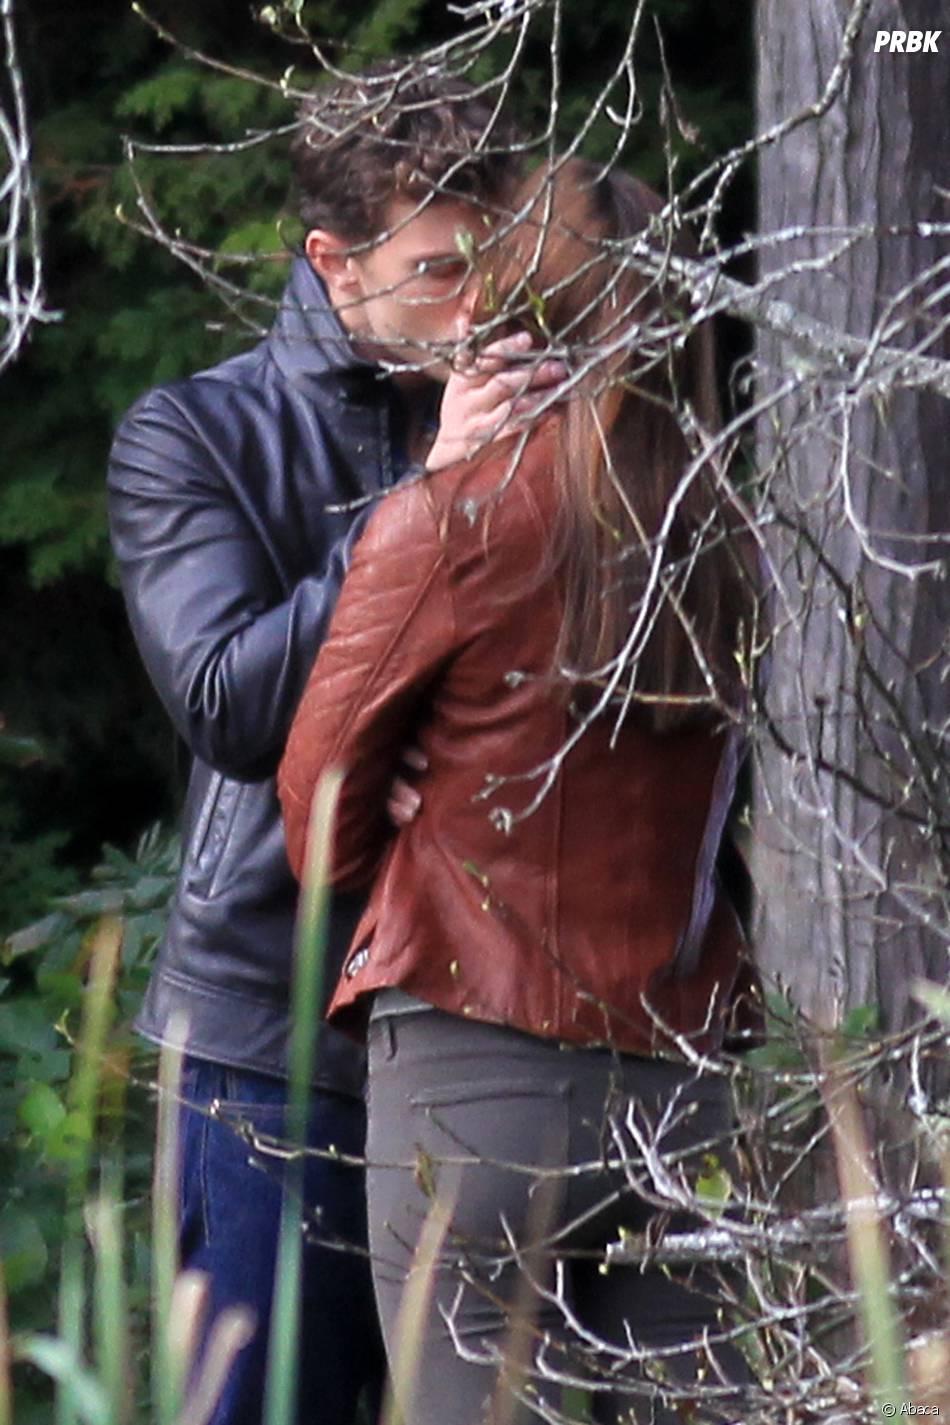 Fifty Shades of Grey : Jamie Dornan et Dakota Johnson s'embrassent sur le tournage le 24 octobre 2014 à Vancouver